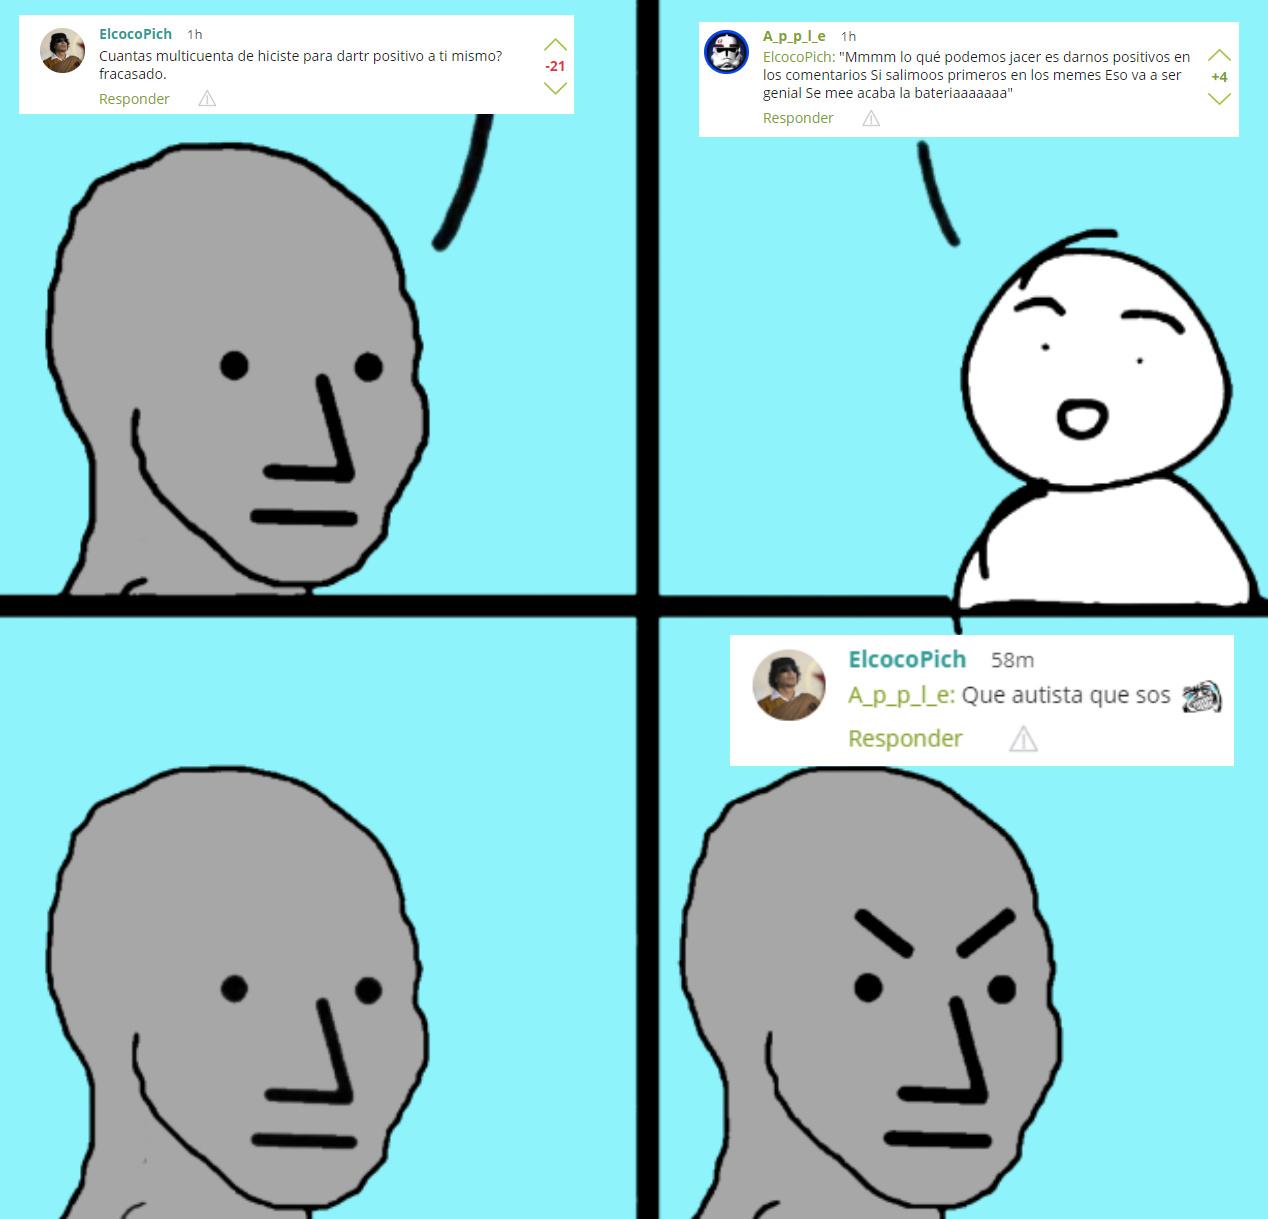 ahora soy un chupapico autista por no darle la razón al jotopich - meme